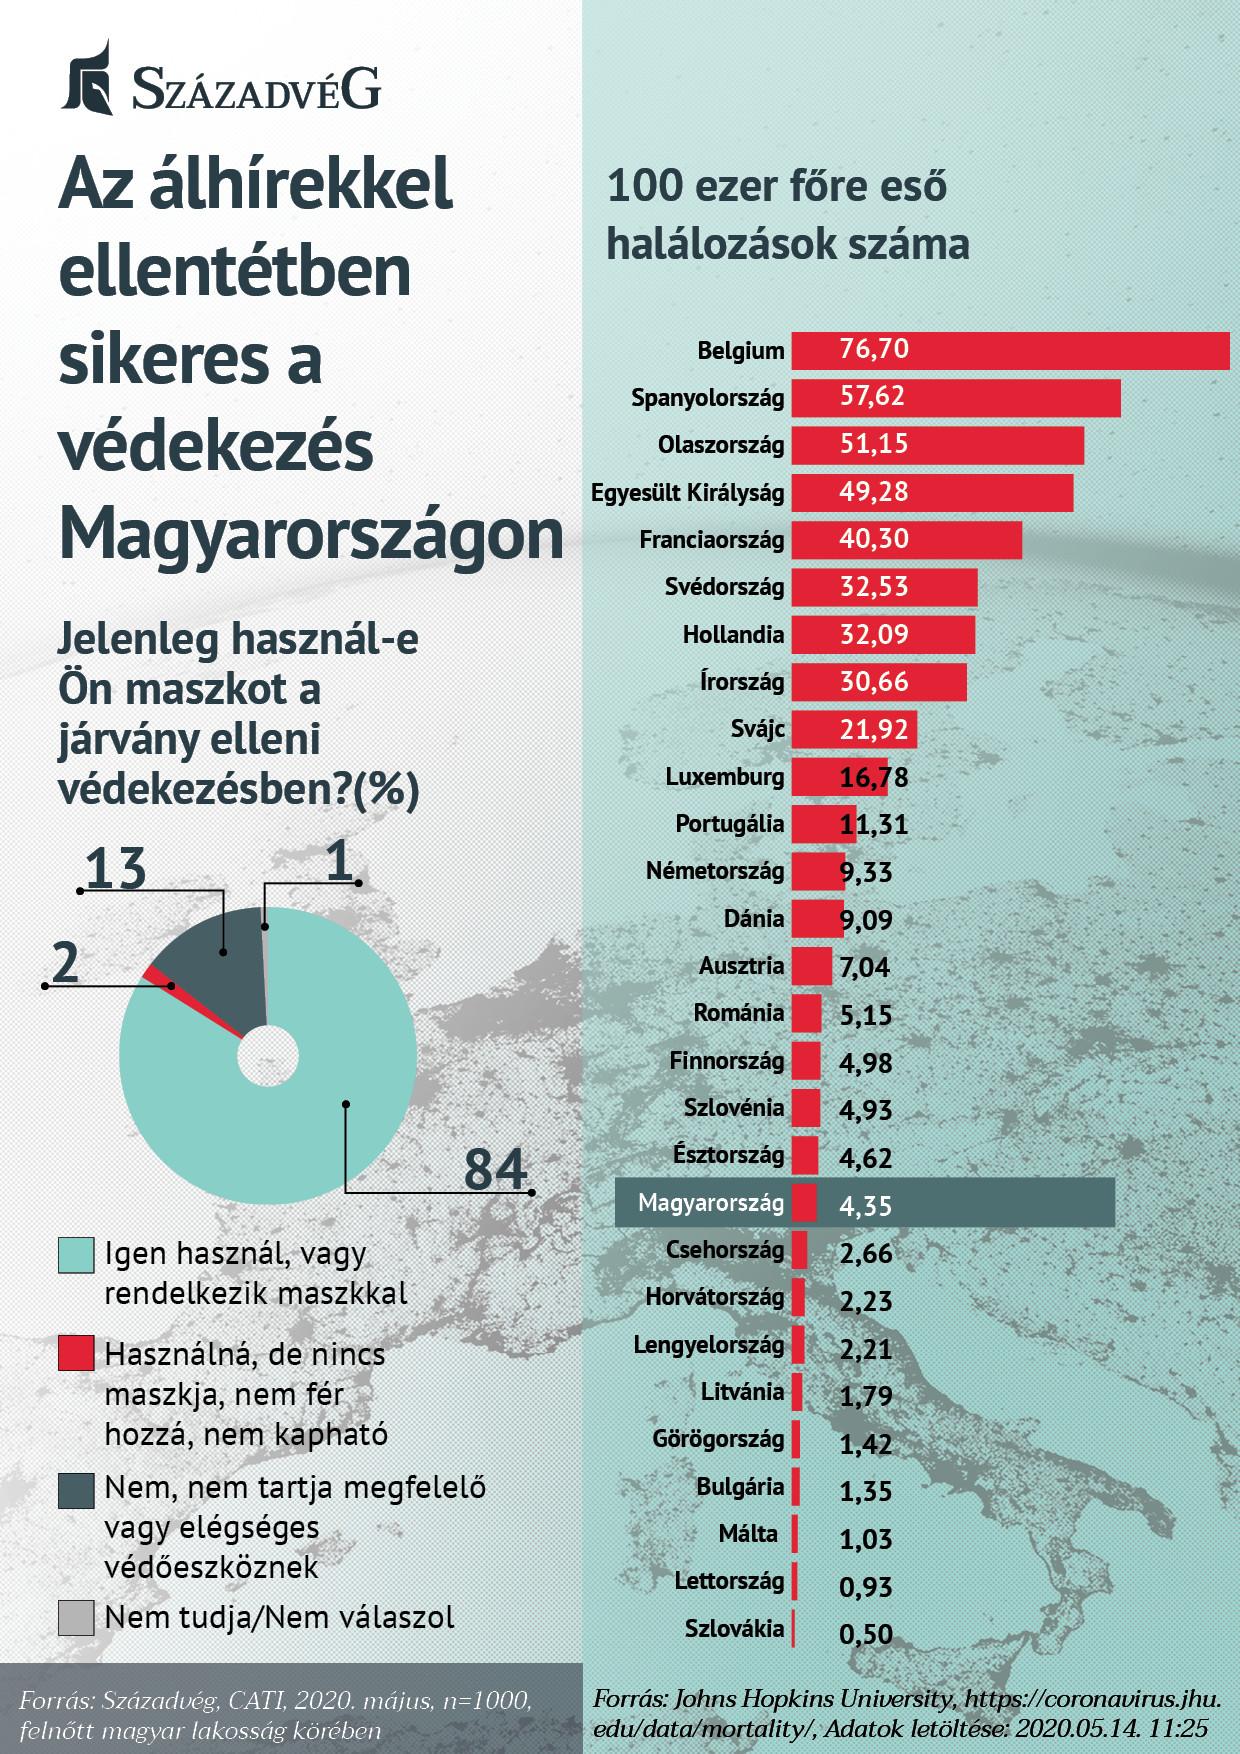 Az álhírekkel ellentétben sikeres a védekezés Magyarországon